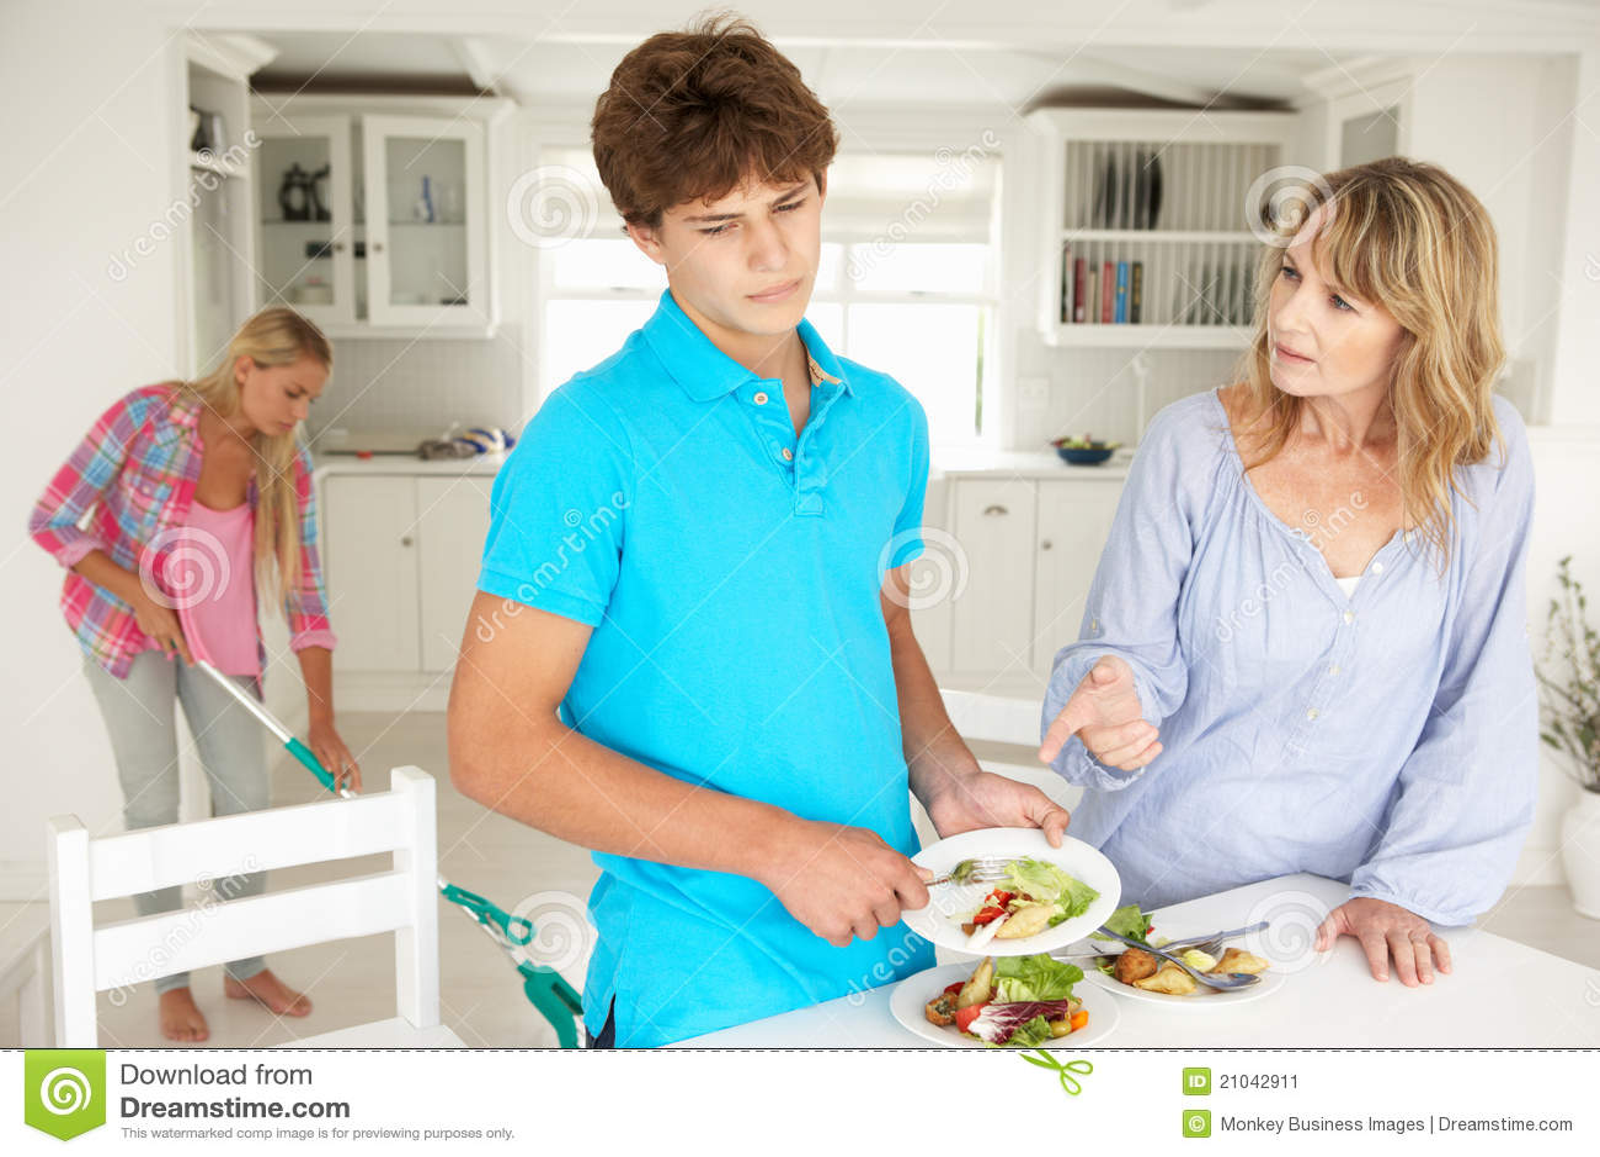 Tieners aarzelend om huishoudelijk werk te doen stock afbeelding afbeelding 21042911 - Tiener om ruimte ...